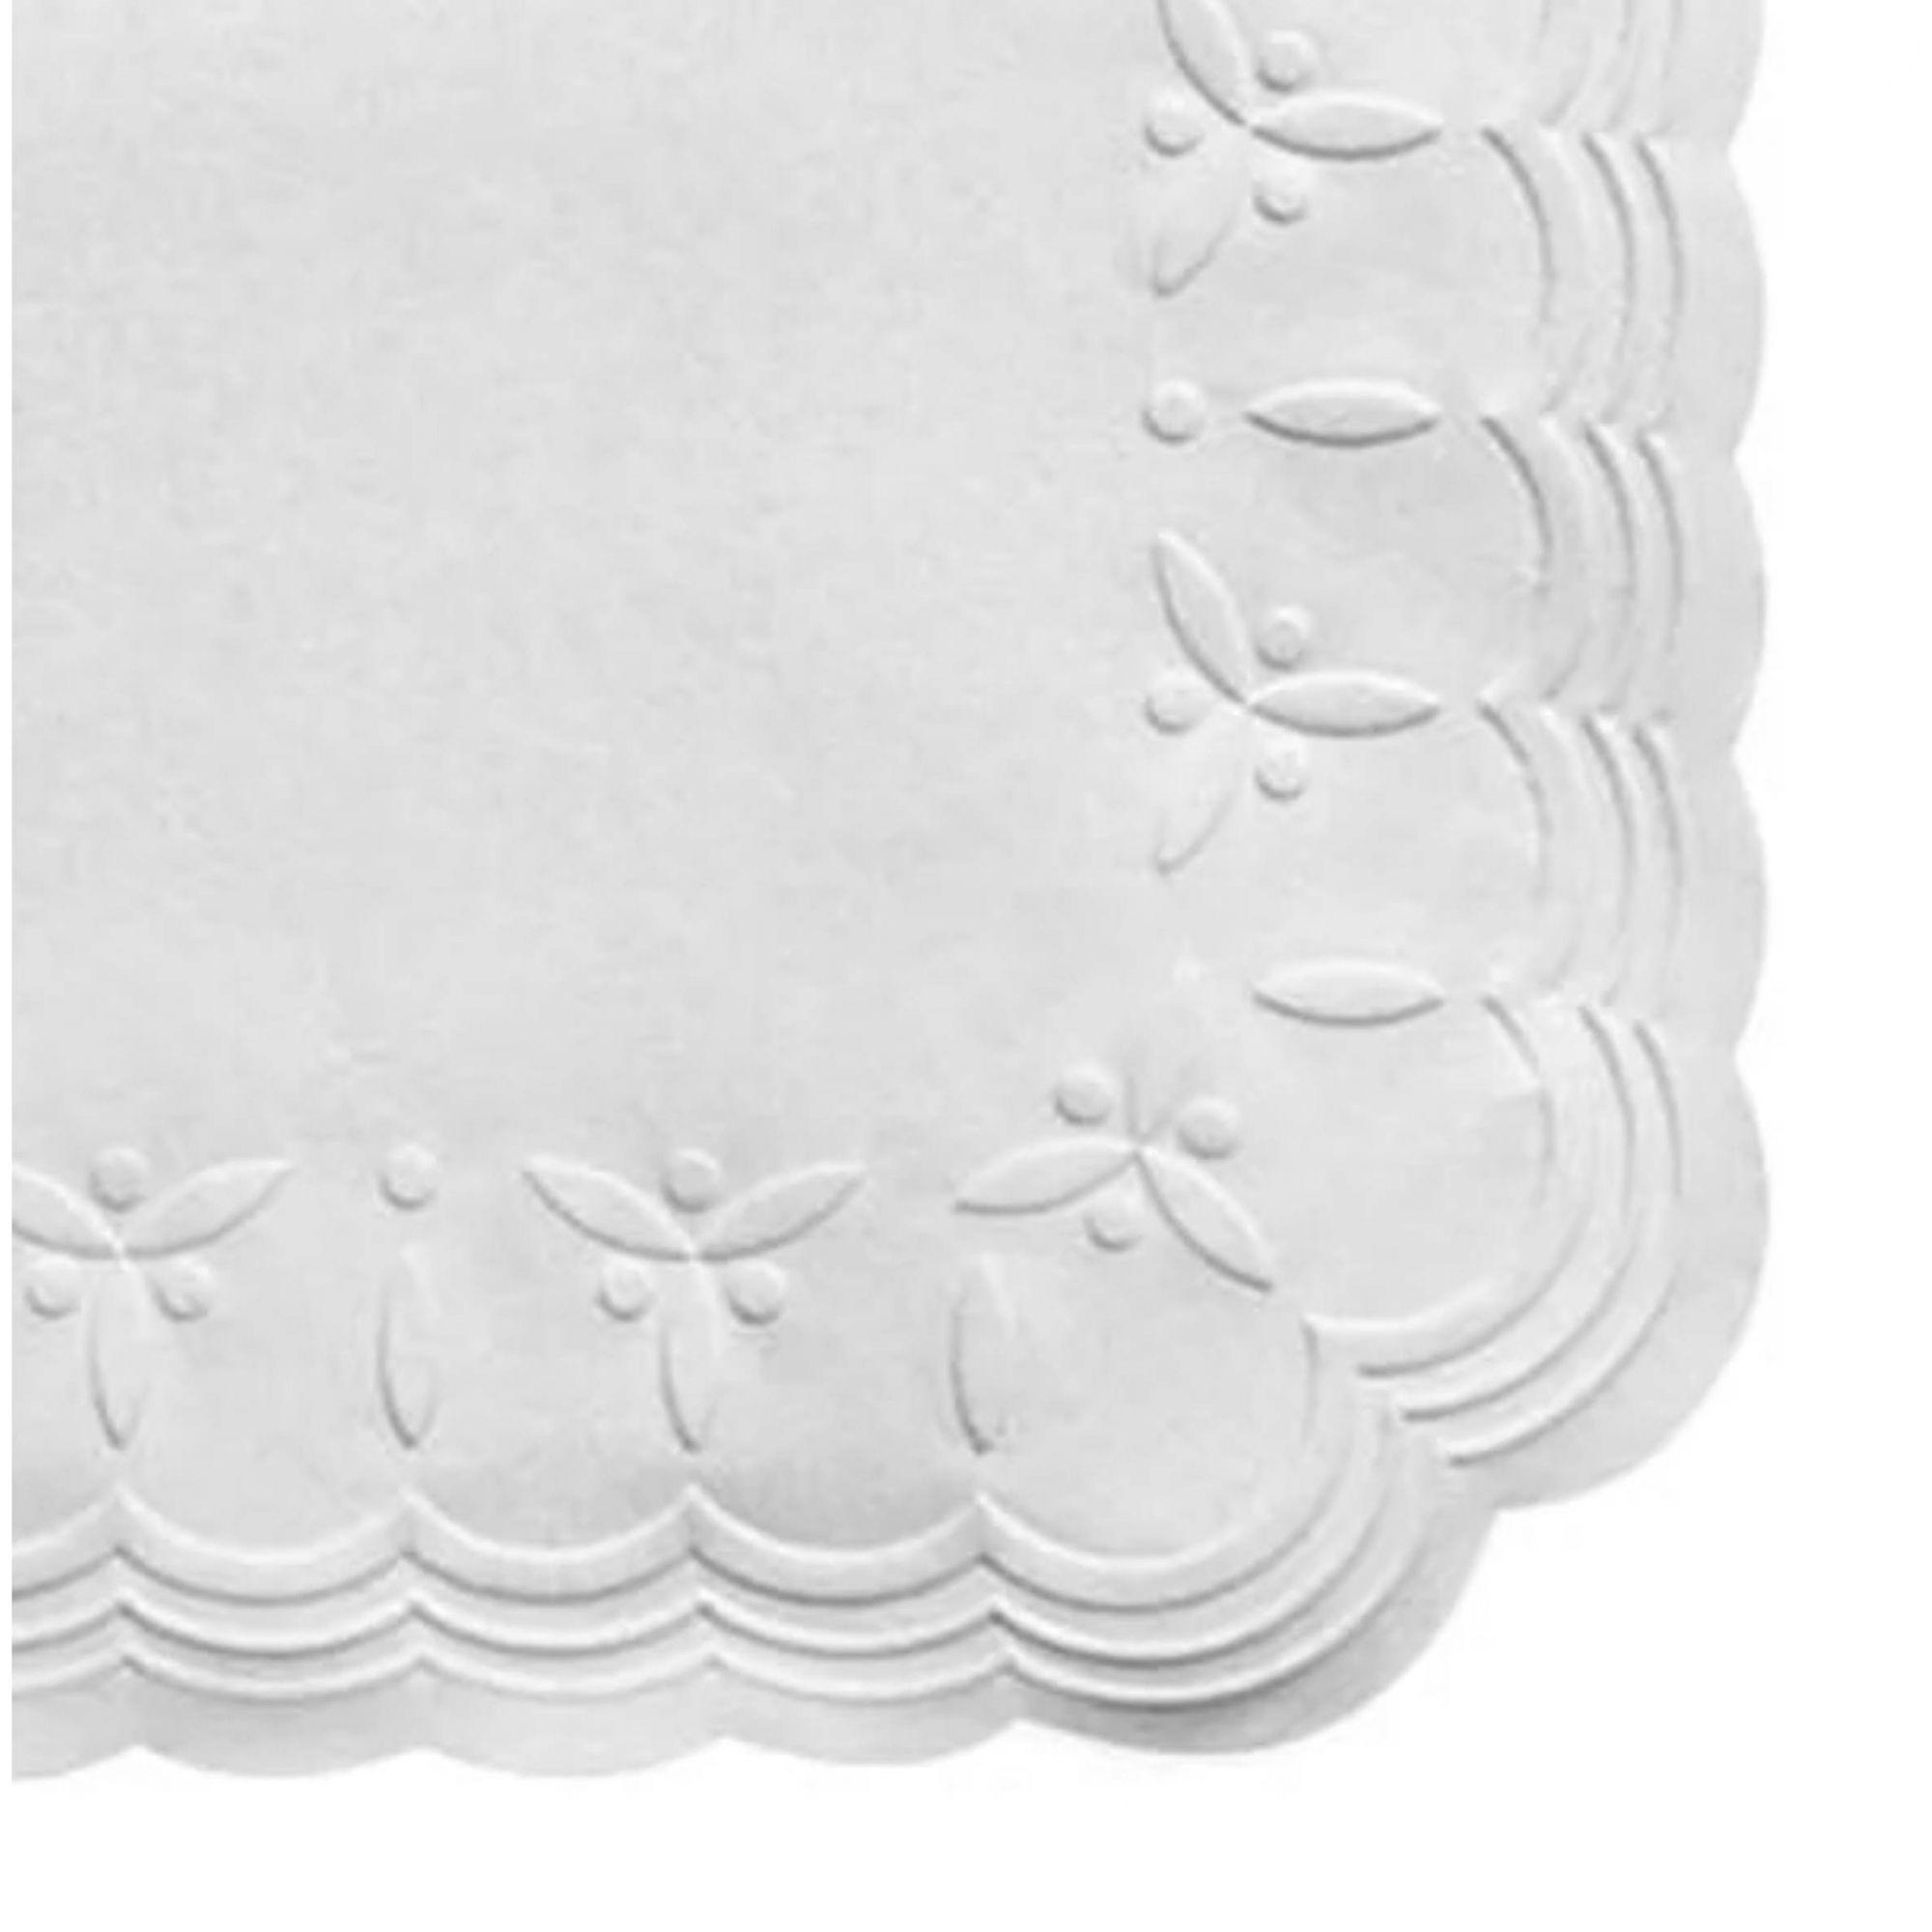 Guardanapo papel coquetel branco Trevo 20x20 - 100 unid  - Persona Guardanapos & Cia